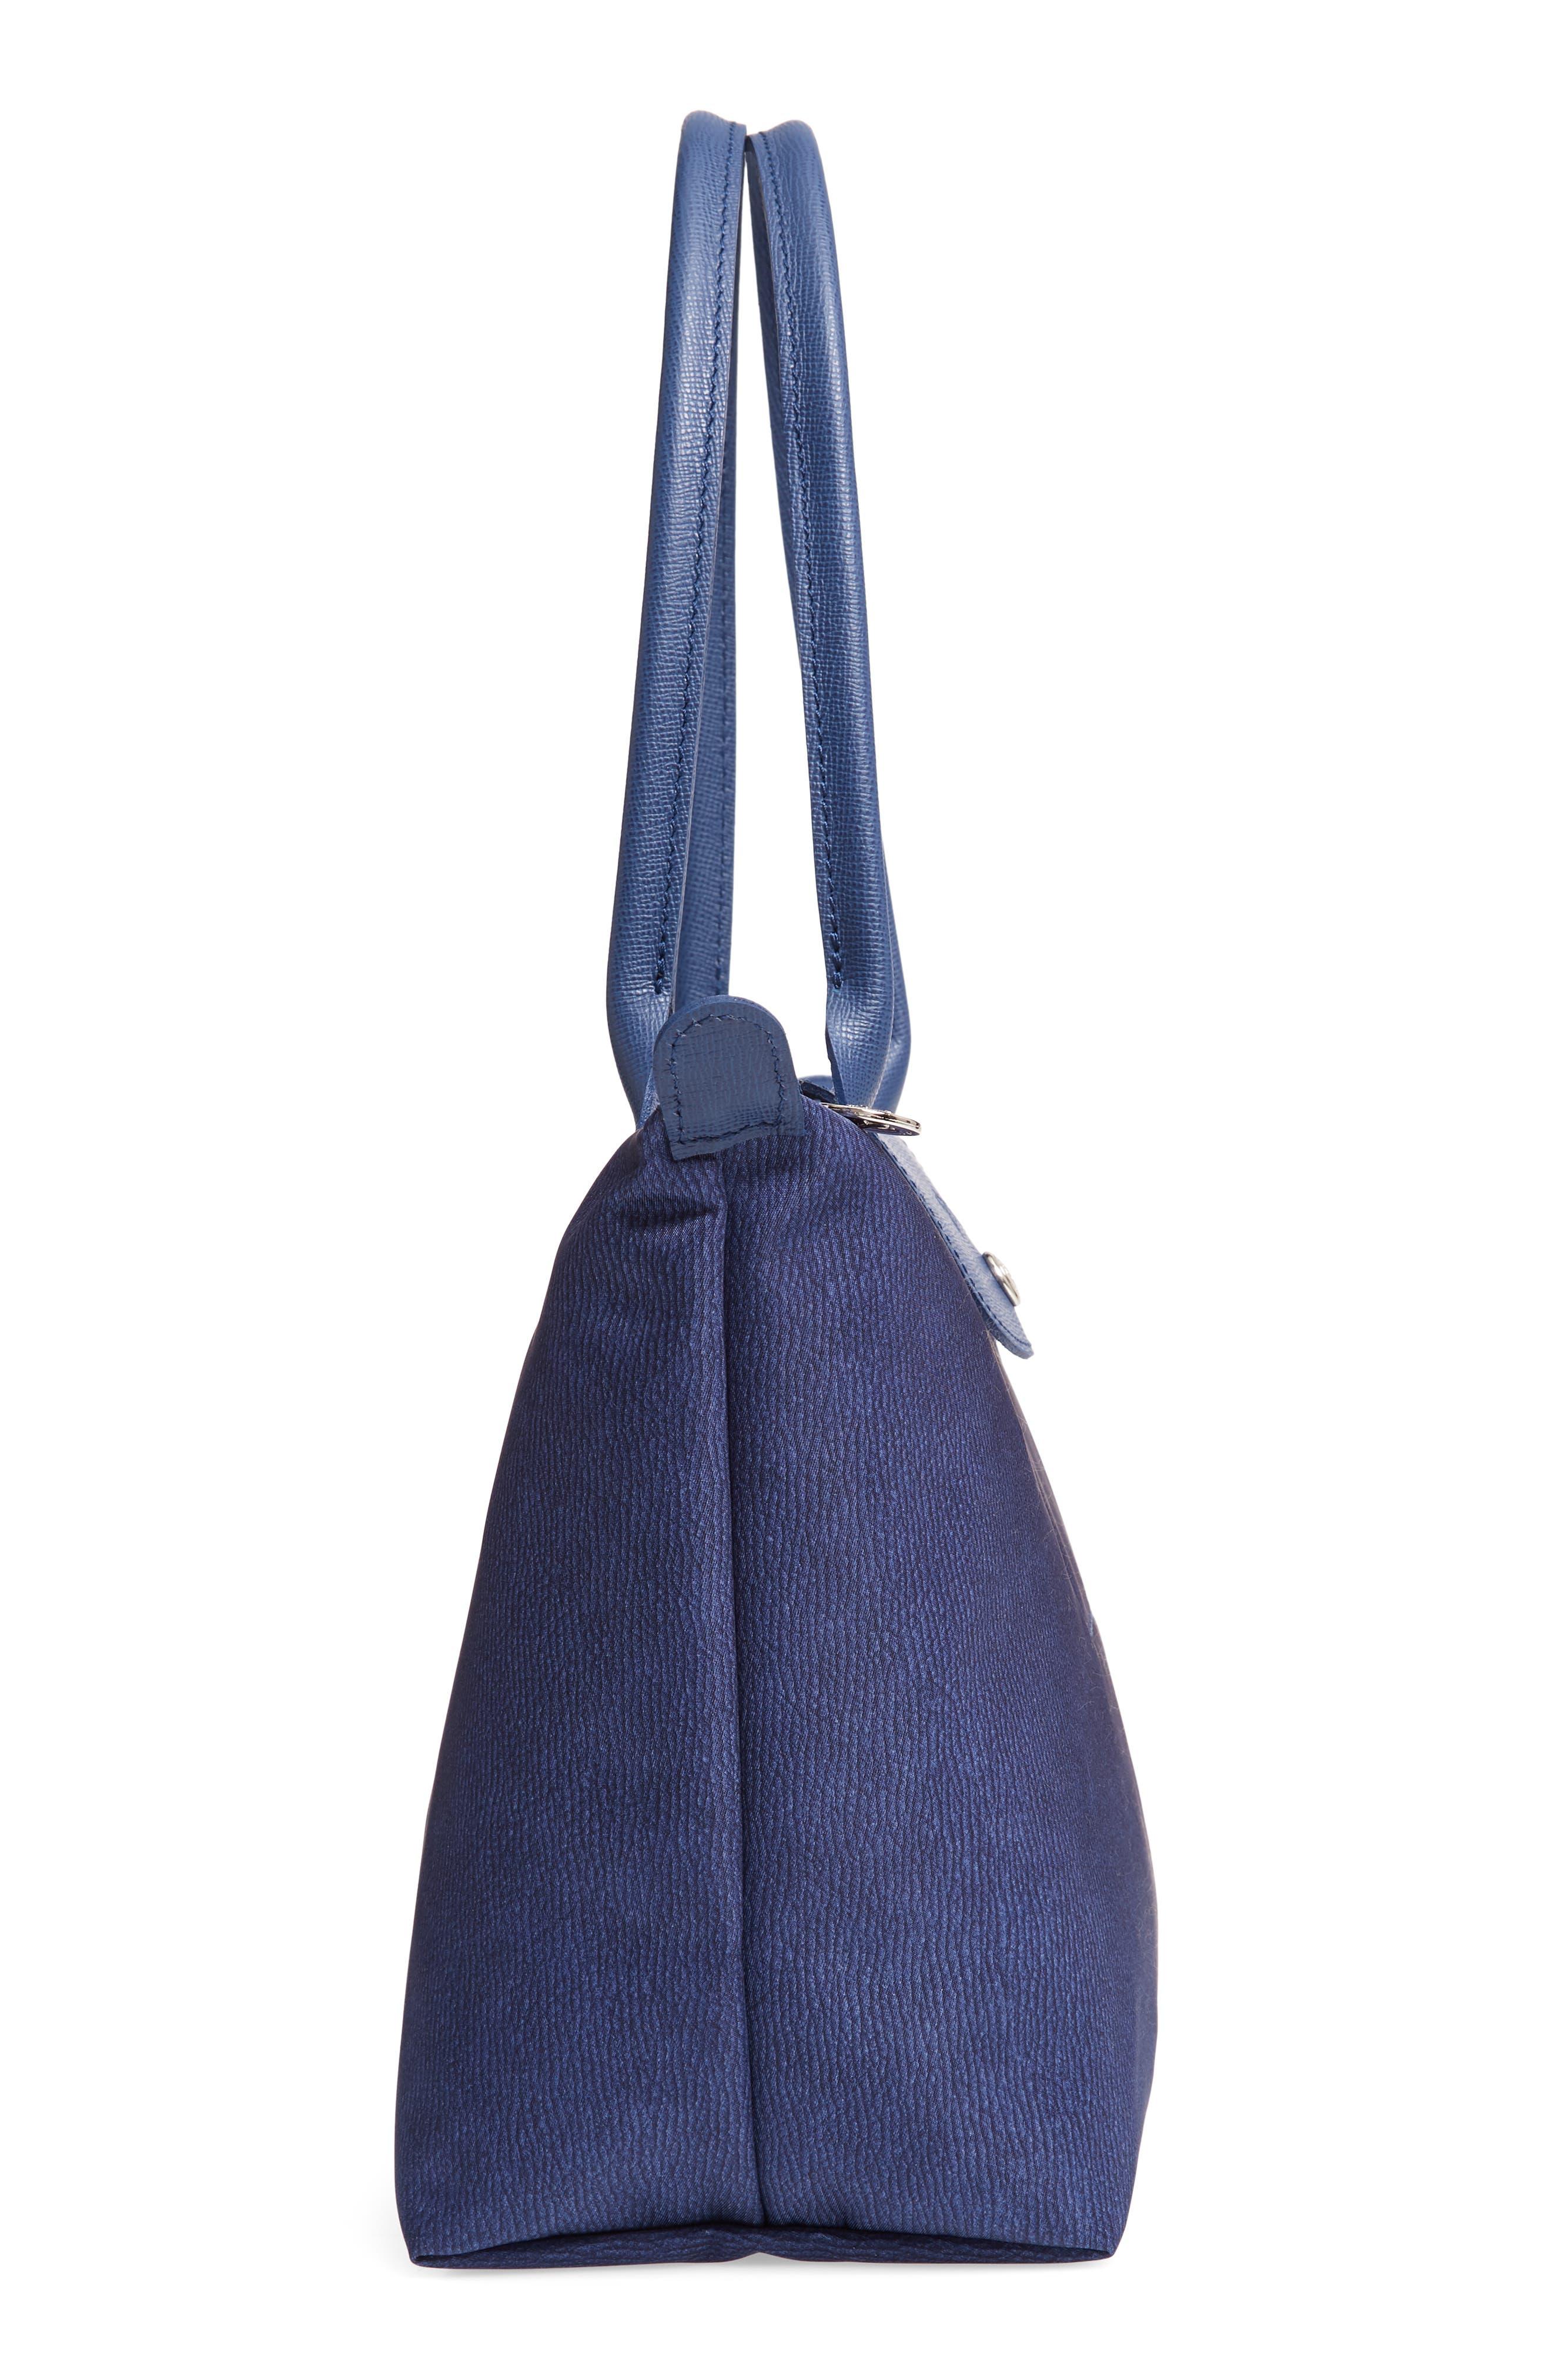 Le Pliage Jeans Small Shoulder Bag,                             Alternate thumbnail 5, color,                             DENIM